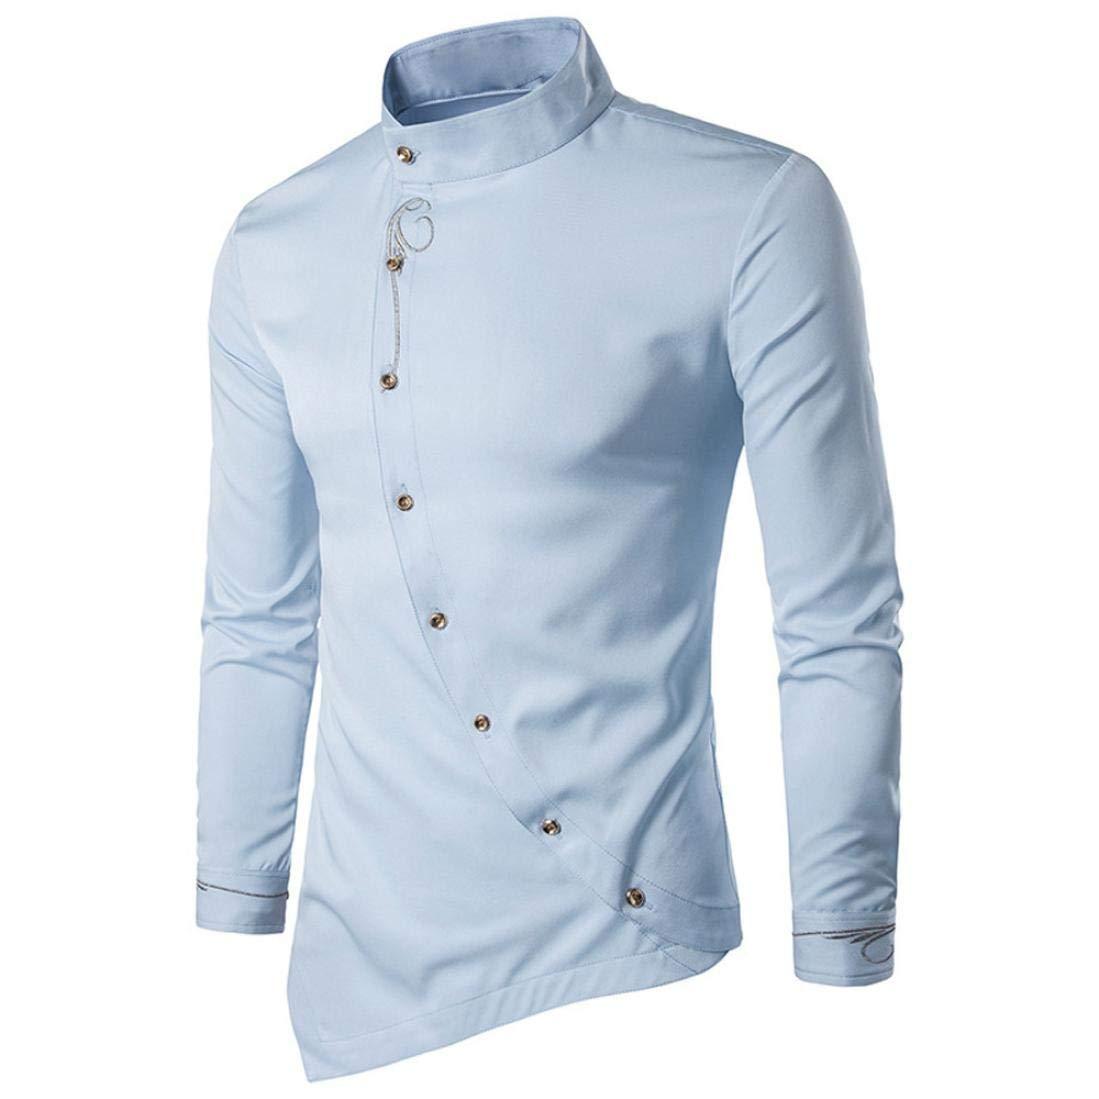 d5e3365c8ab6 KEERADS Herren Hemden Slim Fit Langarm Unregelm ä  ß ige R ä nder Asymmetrisch  Knopf Stehkragen Business Freizeithemd ...